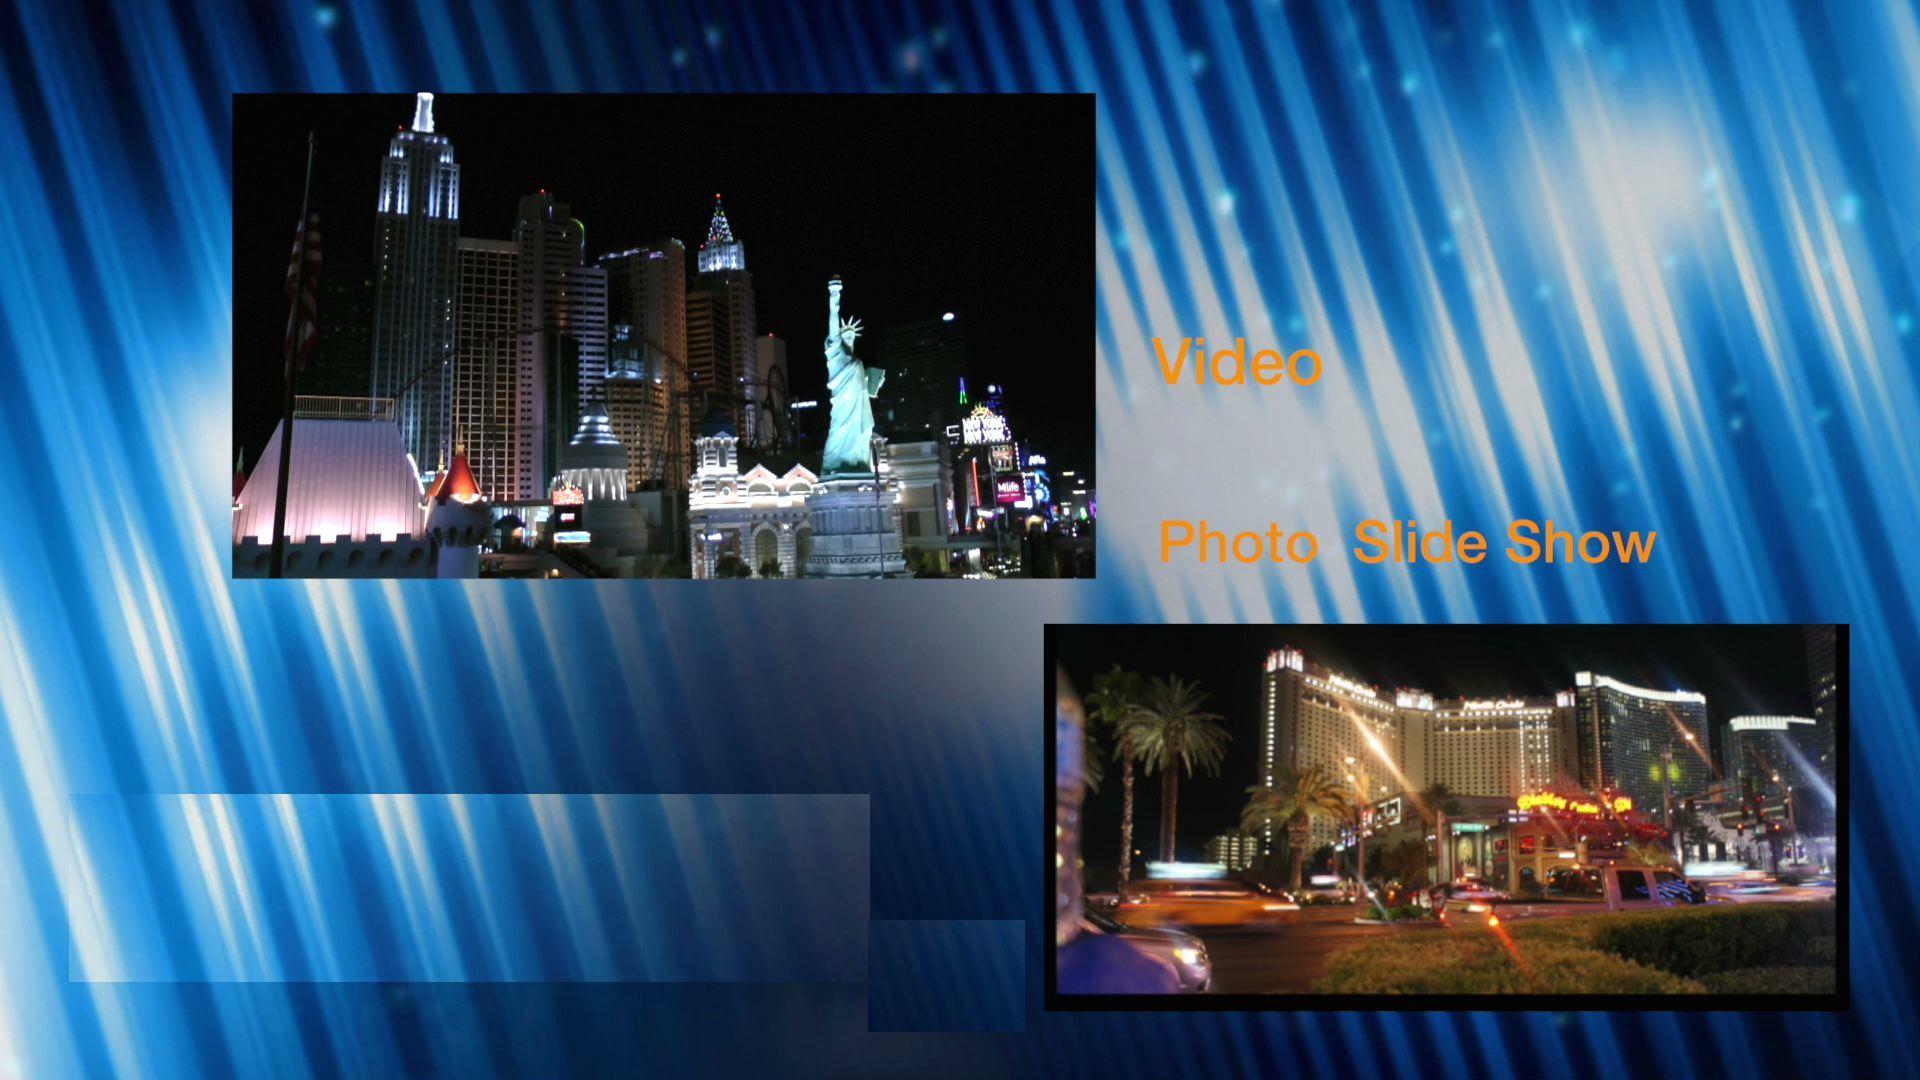 Walk-Along-The-Las-Vegas-Strip-gay-dvd